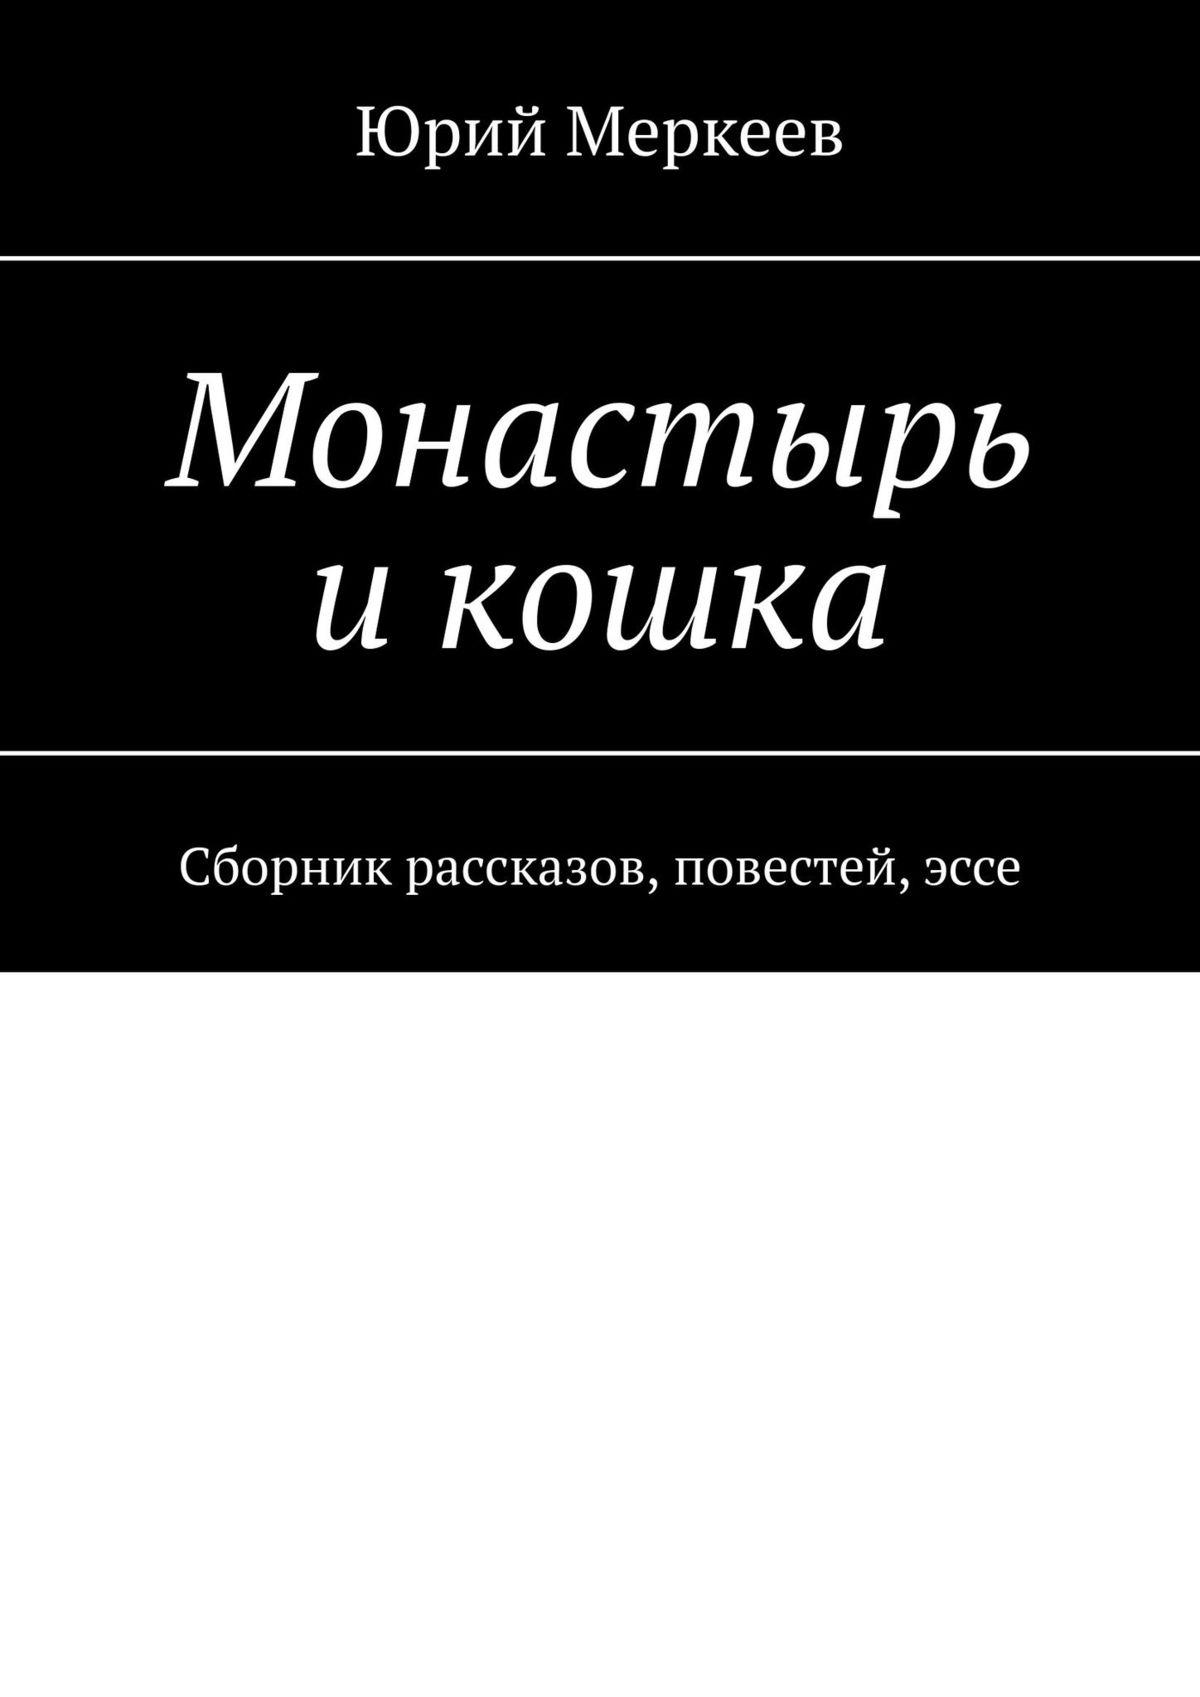 Монастырь икошка. Сборник рассказов, повестей,эссе